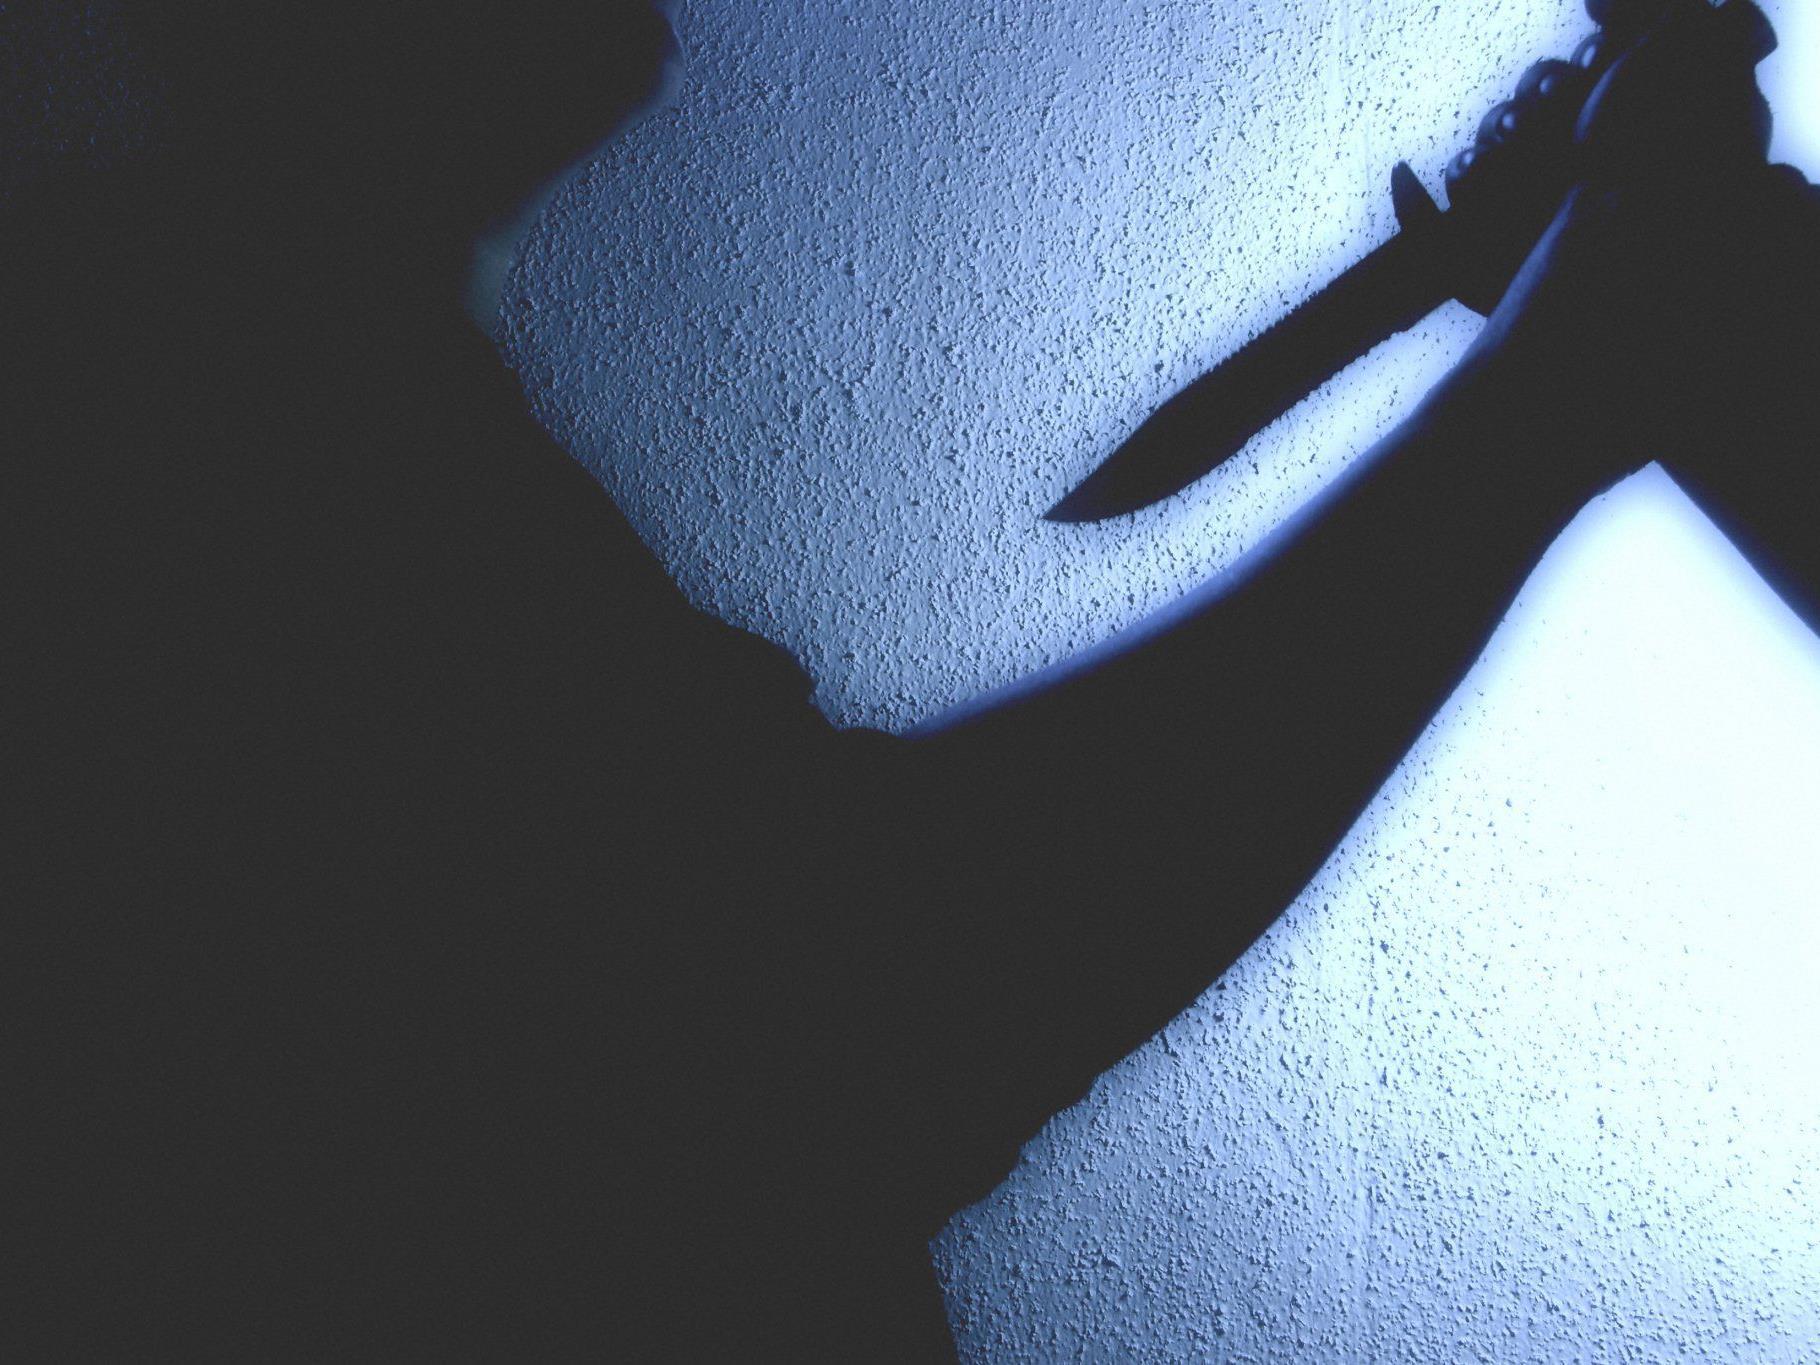 Wer hat auf wen eingestochen? Das ermittelt das Gericht nach einem mutmaßlichen Mordversuch in Mödling.